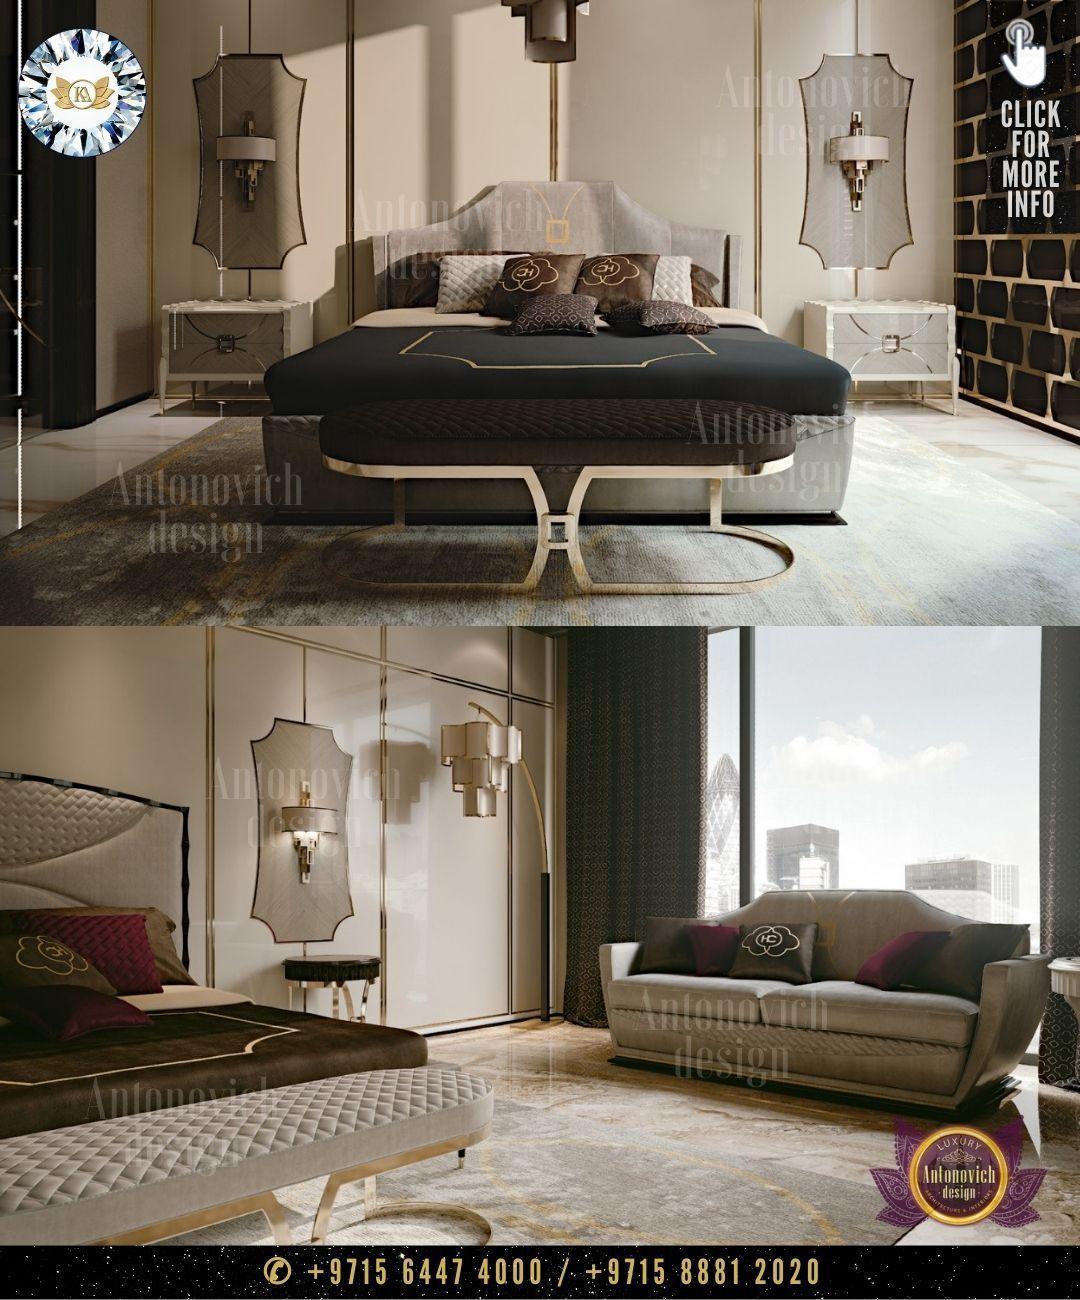 Extravagant Luxury Furniture Best Furniture Design أفضل تصميم أثاث Luxury Furniture Furniture Furniture Design